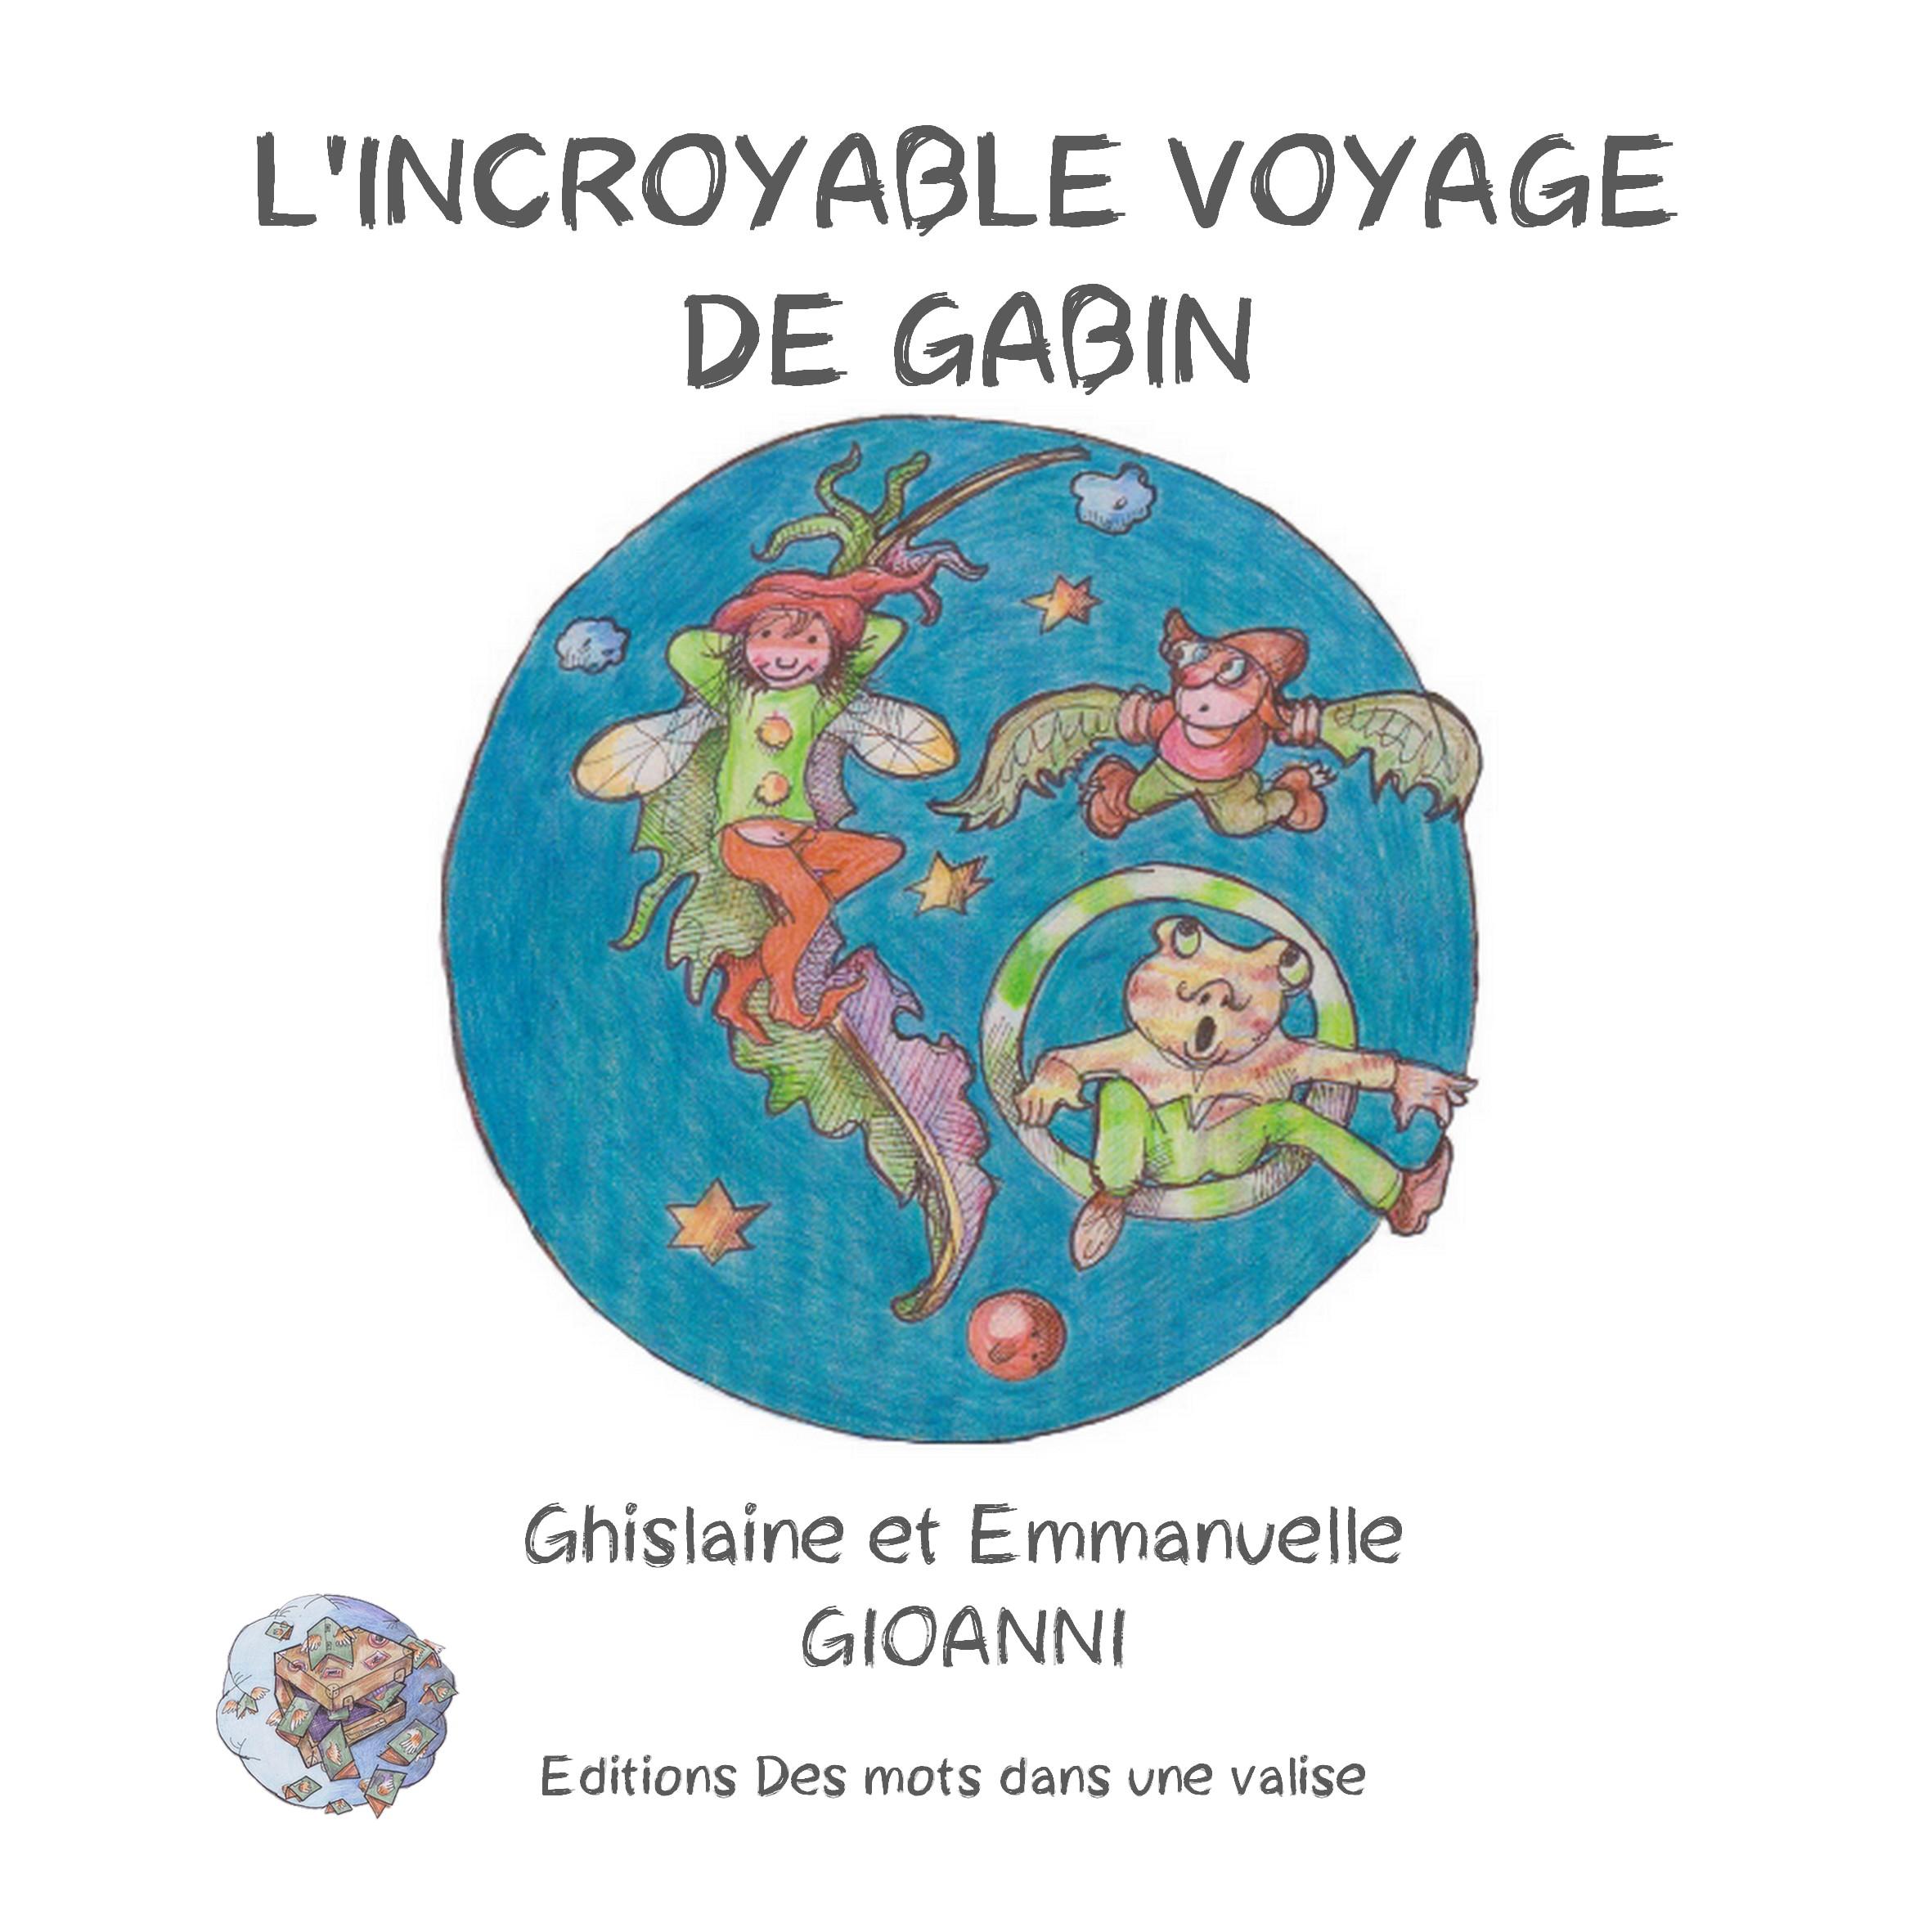 couverture 1 français.jpg